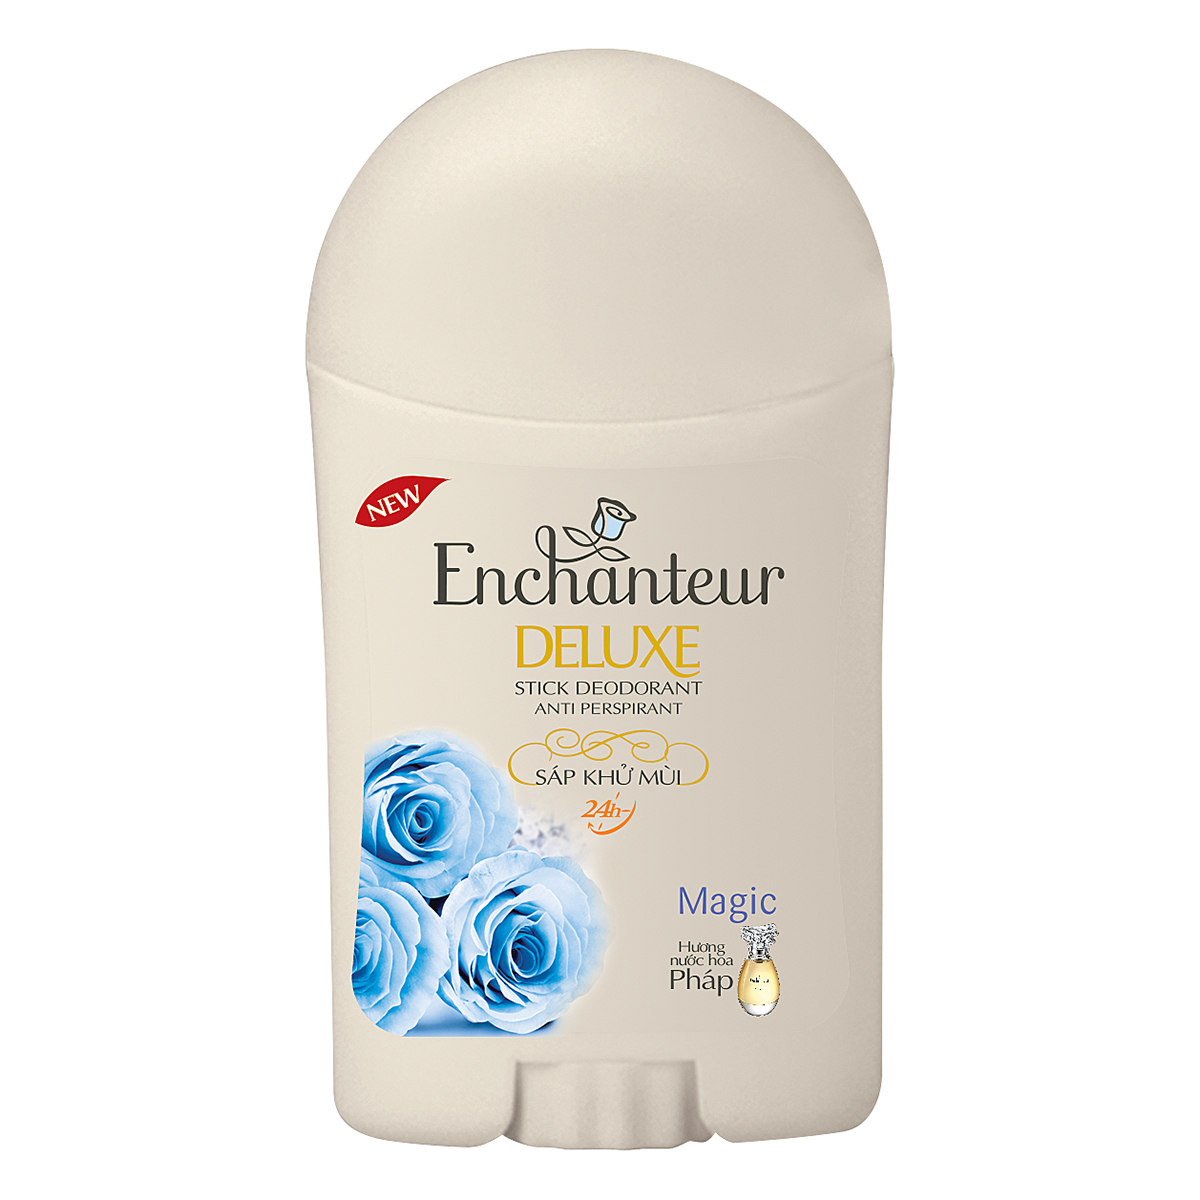 Sáp Khử Mùi Enchanteur Magic 40g - 1012060 - 9398912 , 3744027901915 , 62_10664445 , 74000 , Sap-Khu-Mui-Enchanteur-Magic-40g-1012060-62_10664445 , tiki.vn , Sáp Khử Mùi Enchanteur Magic 40g - 1012060